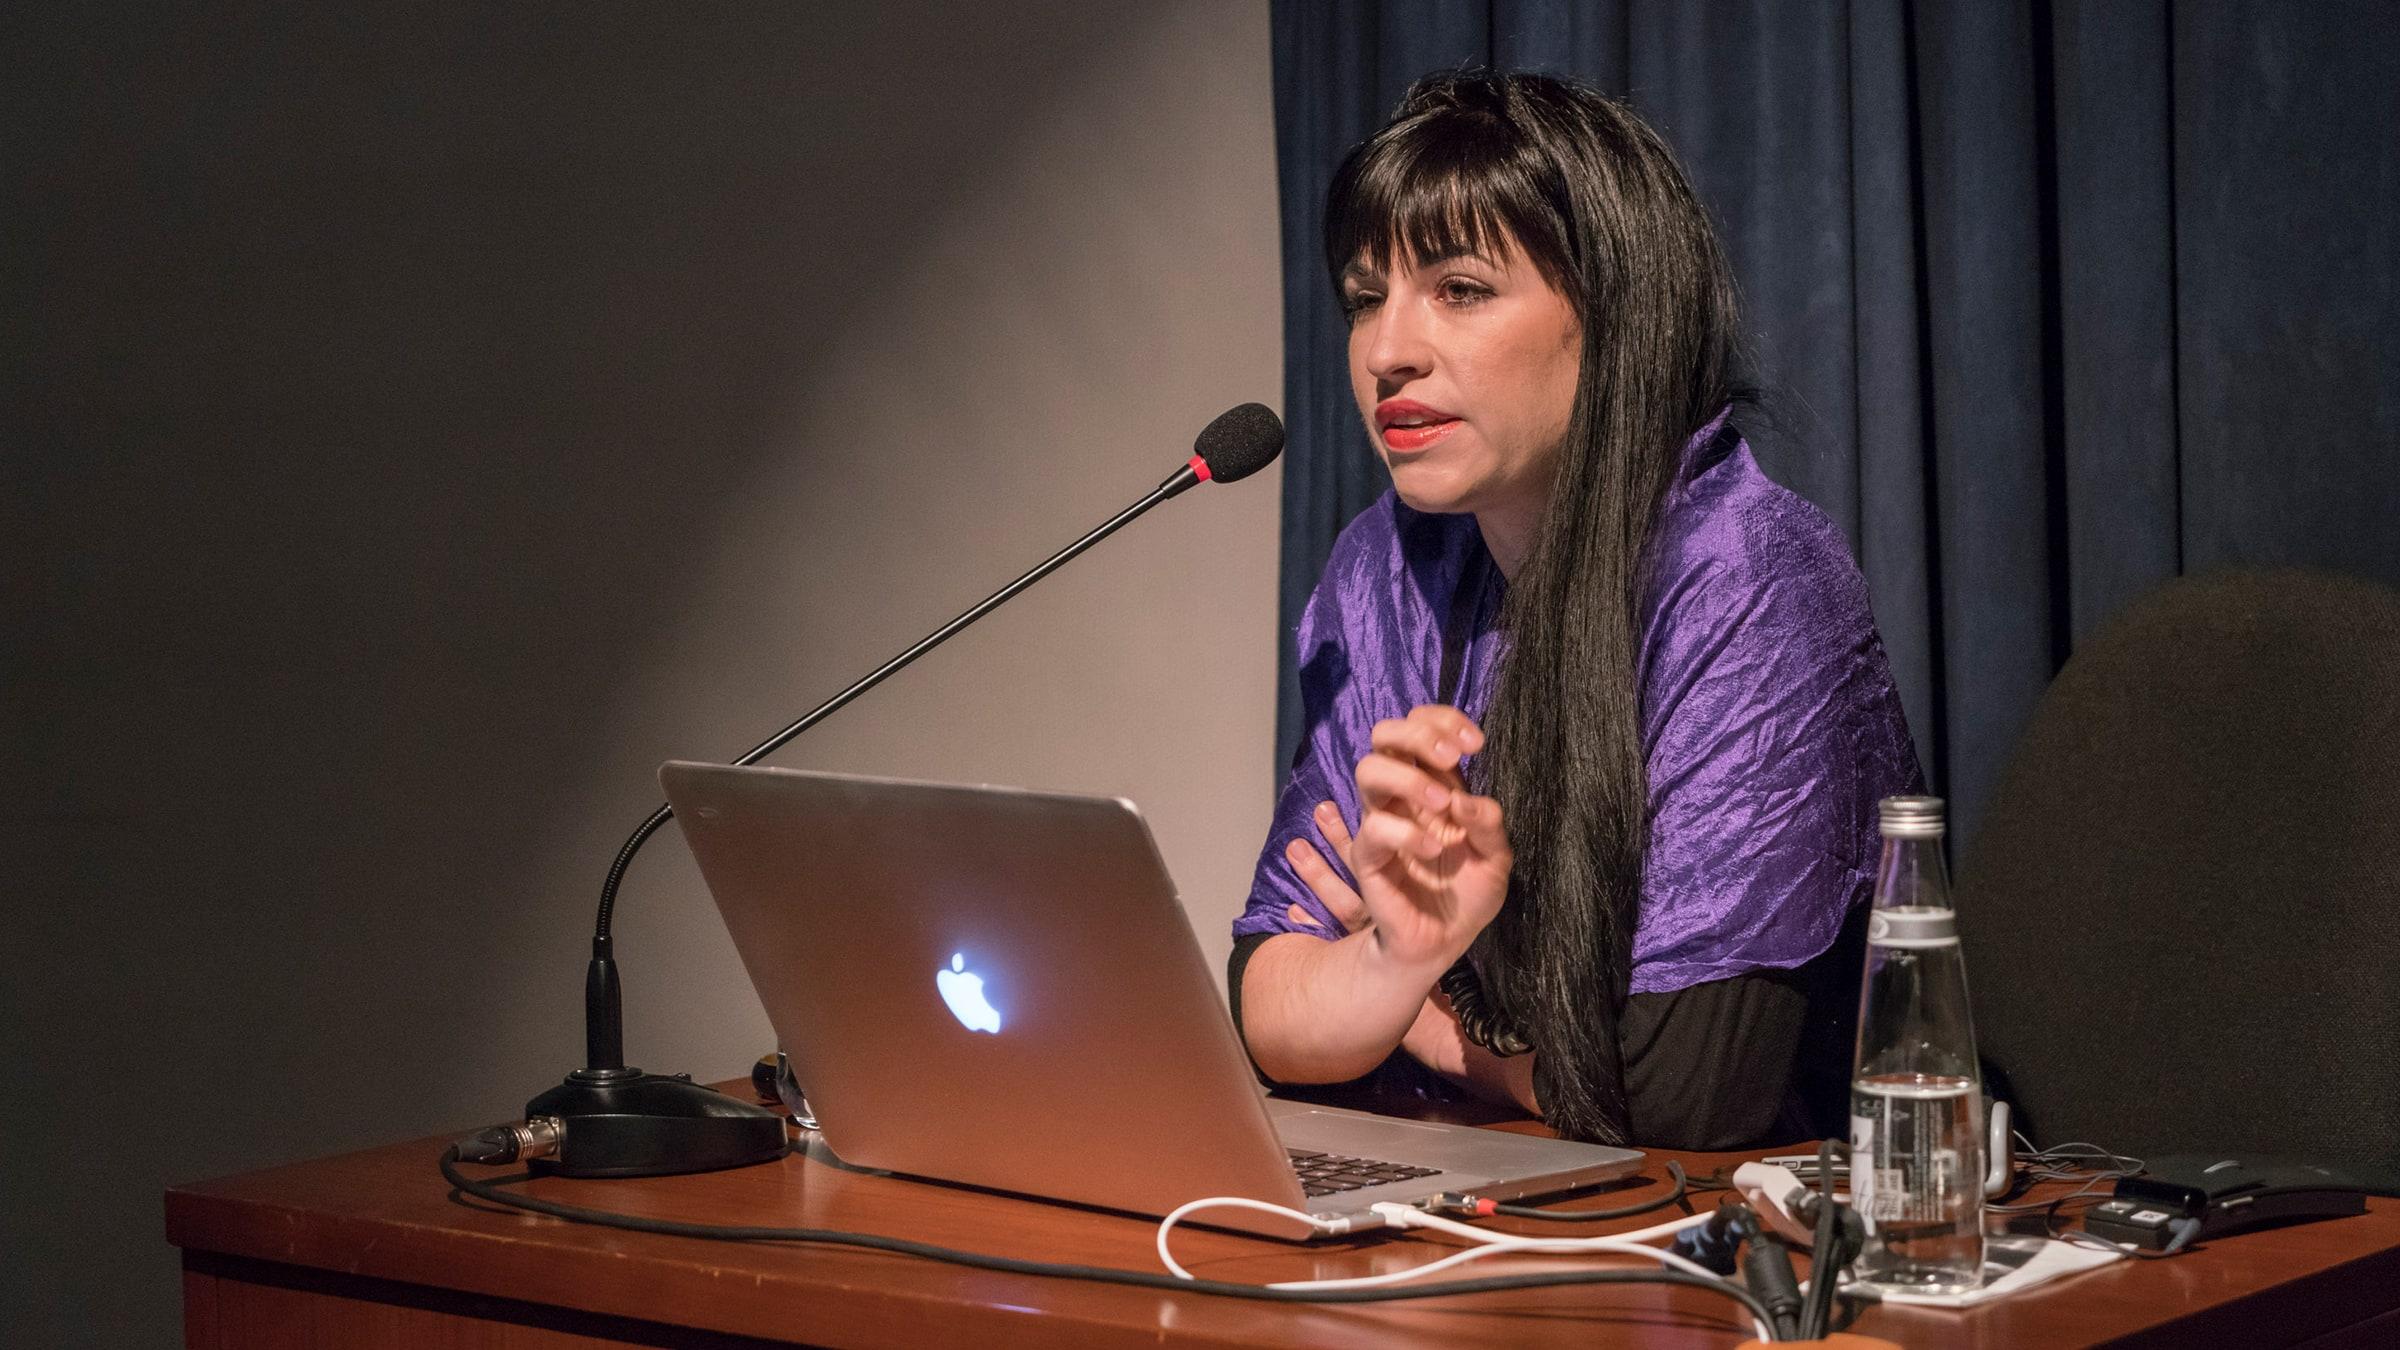 Arzuyu İnşa Etmek <br>Jasmina Cibic